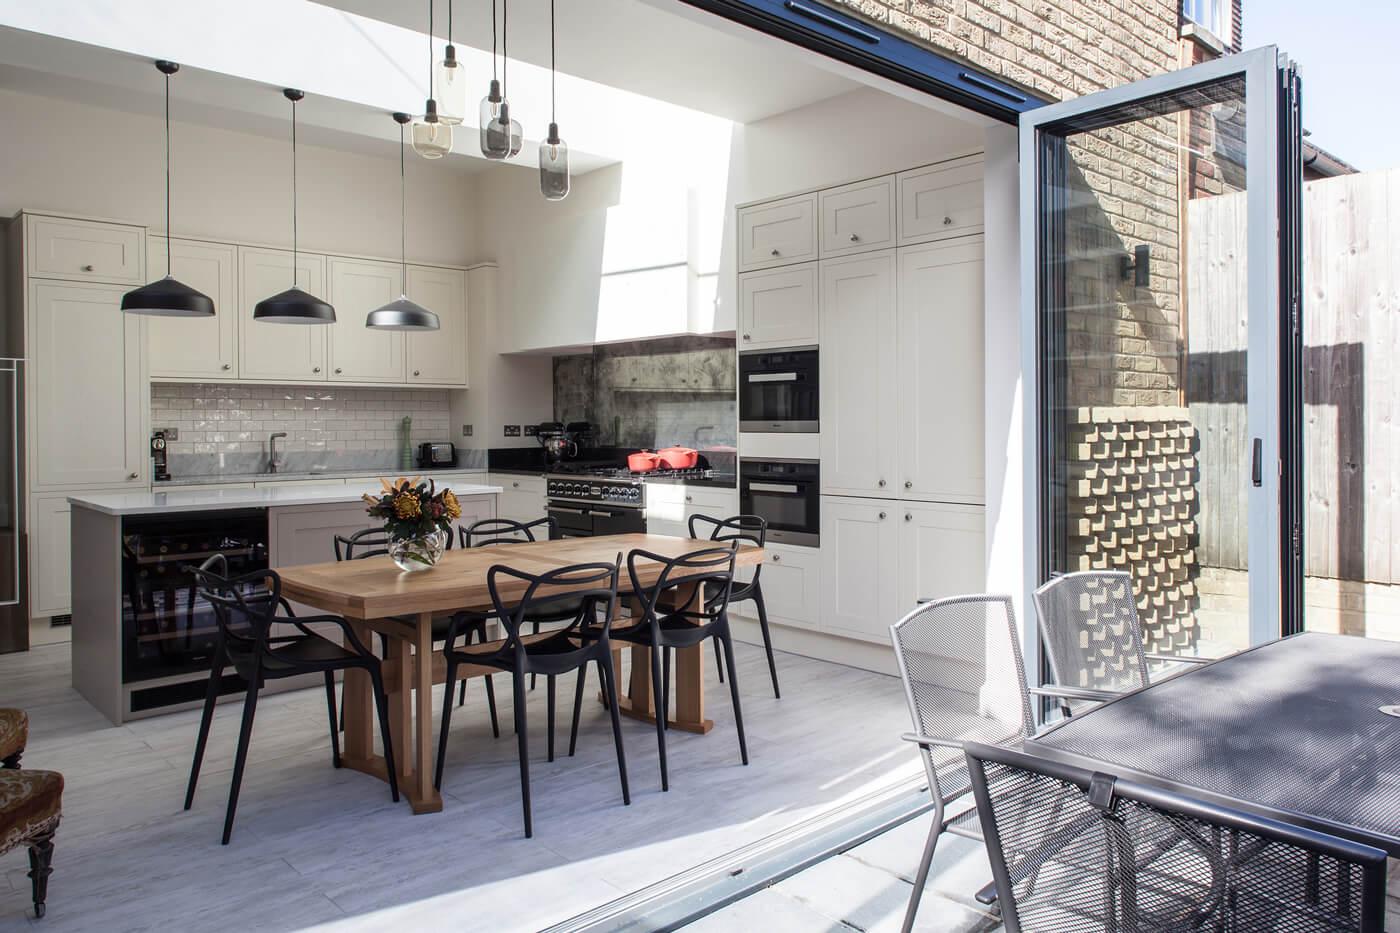 Cuisine Lumineuse Sans Fenetre comment une fenêtre de toit peut-elle baigner une cuisine de